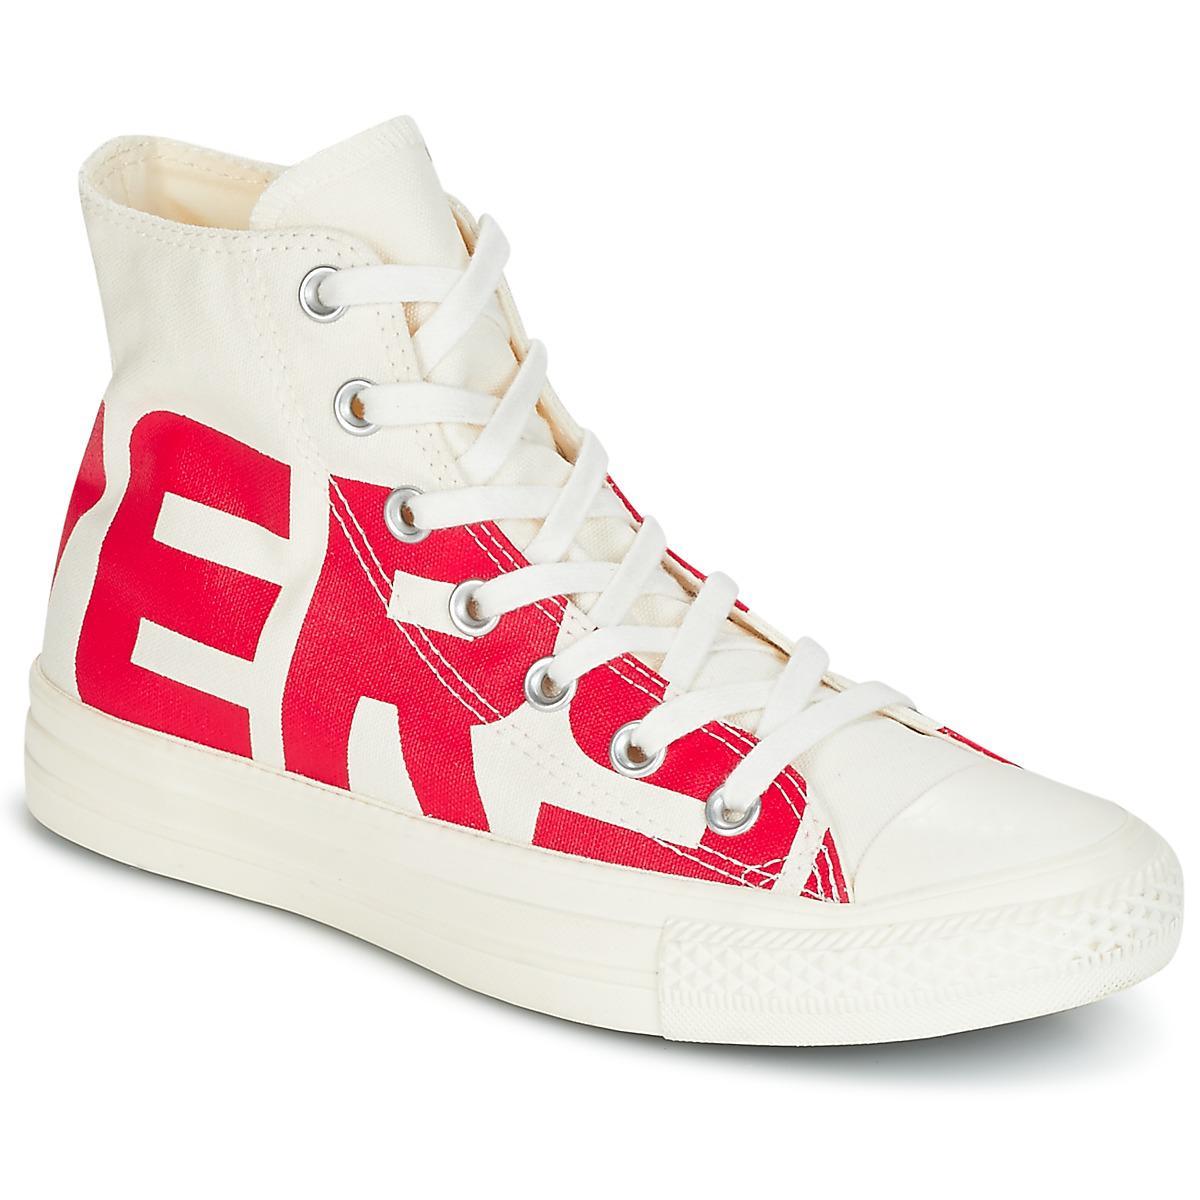 56d19c2fe0c6e2 Converse Chuck Taylor All Star Hi Wordmark Men s Shoes (high-top ...